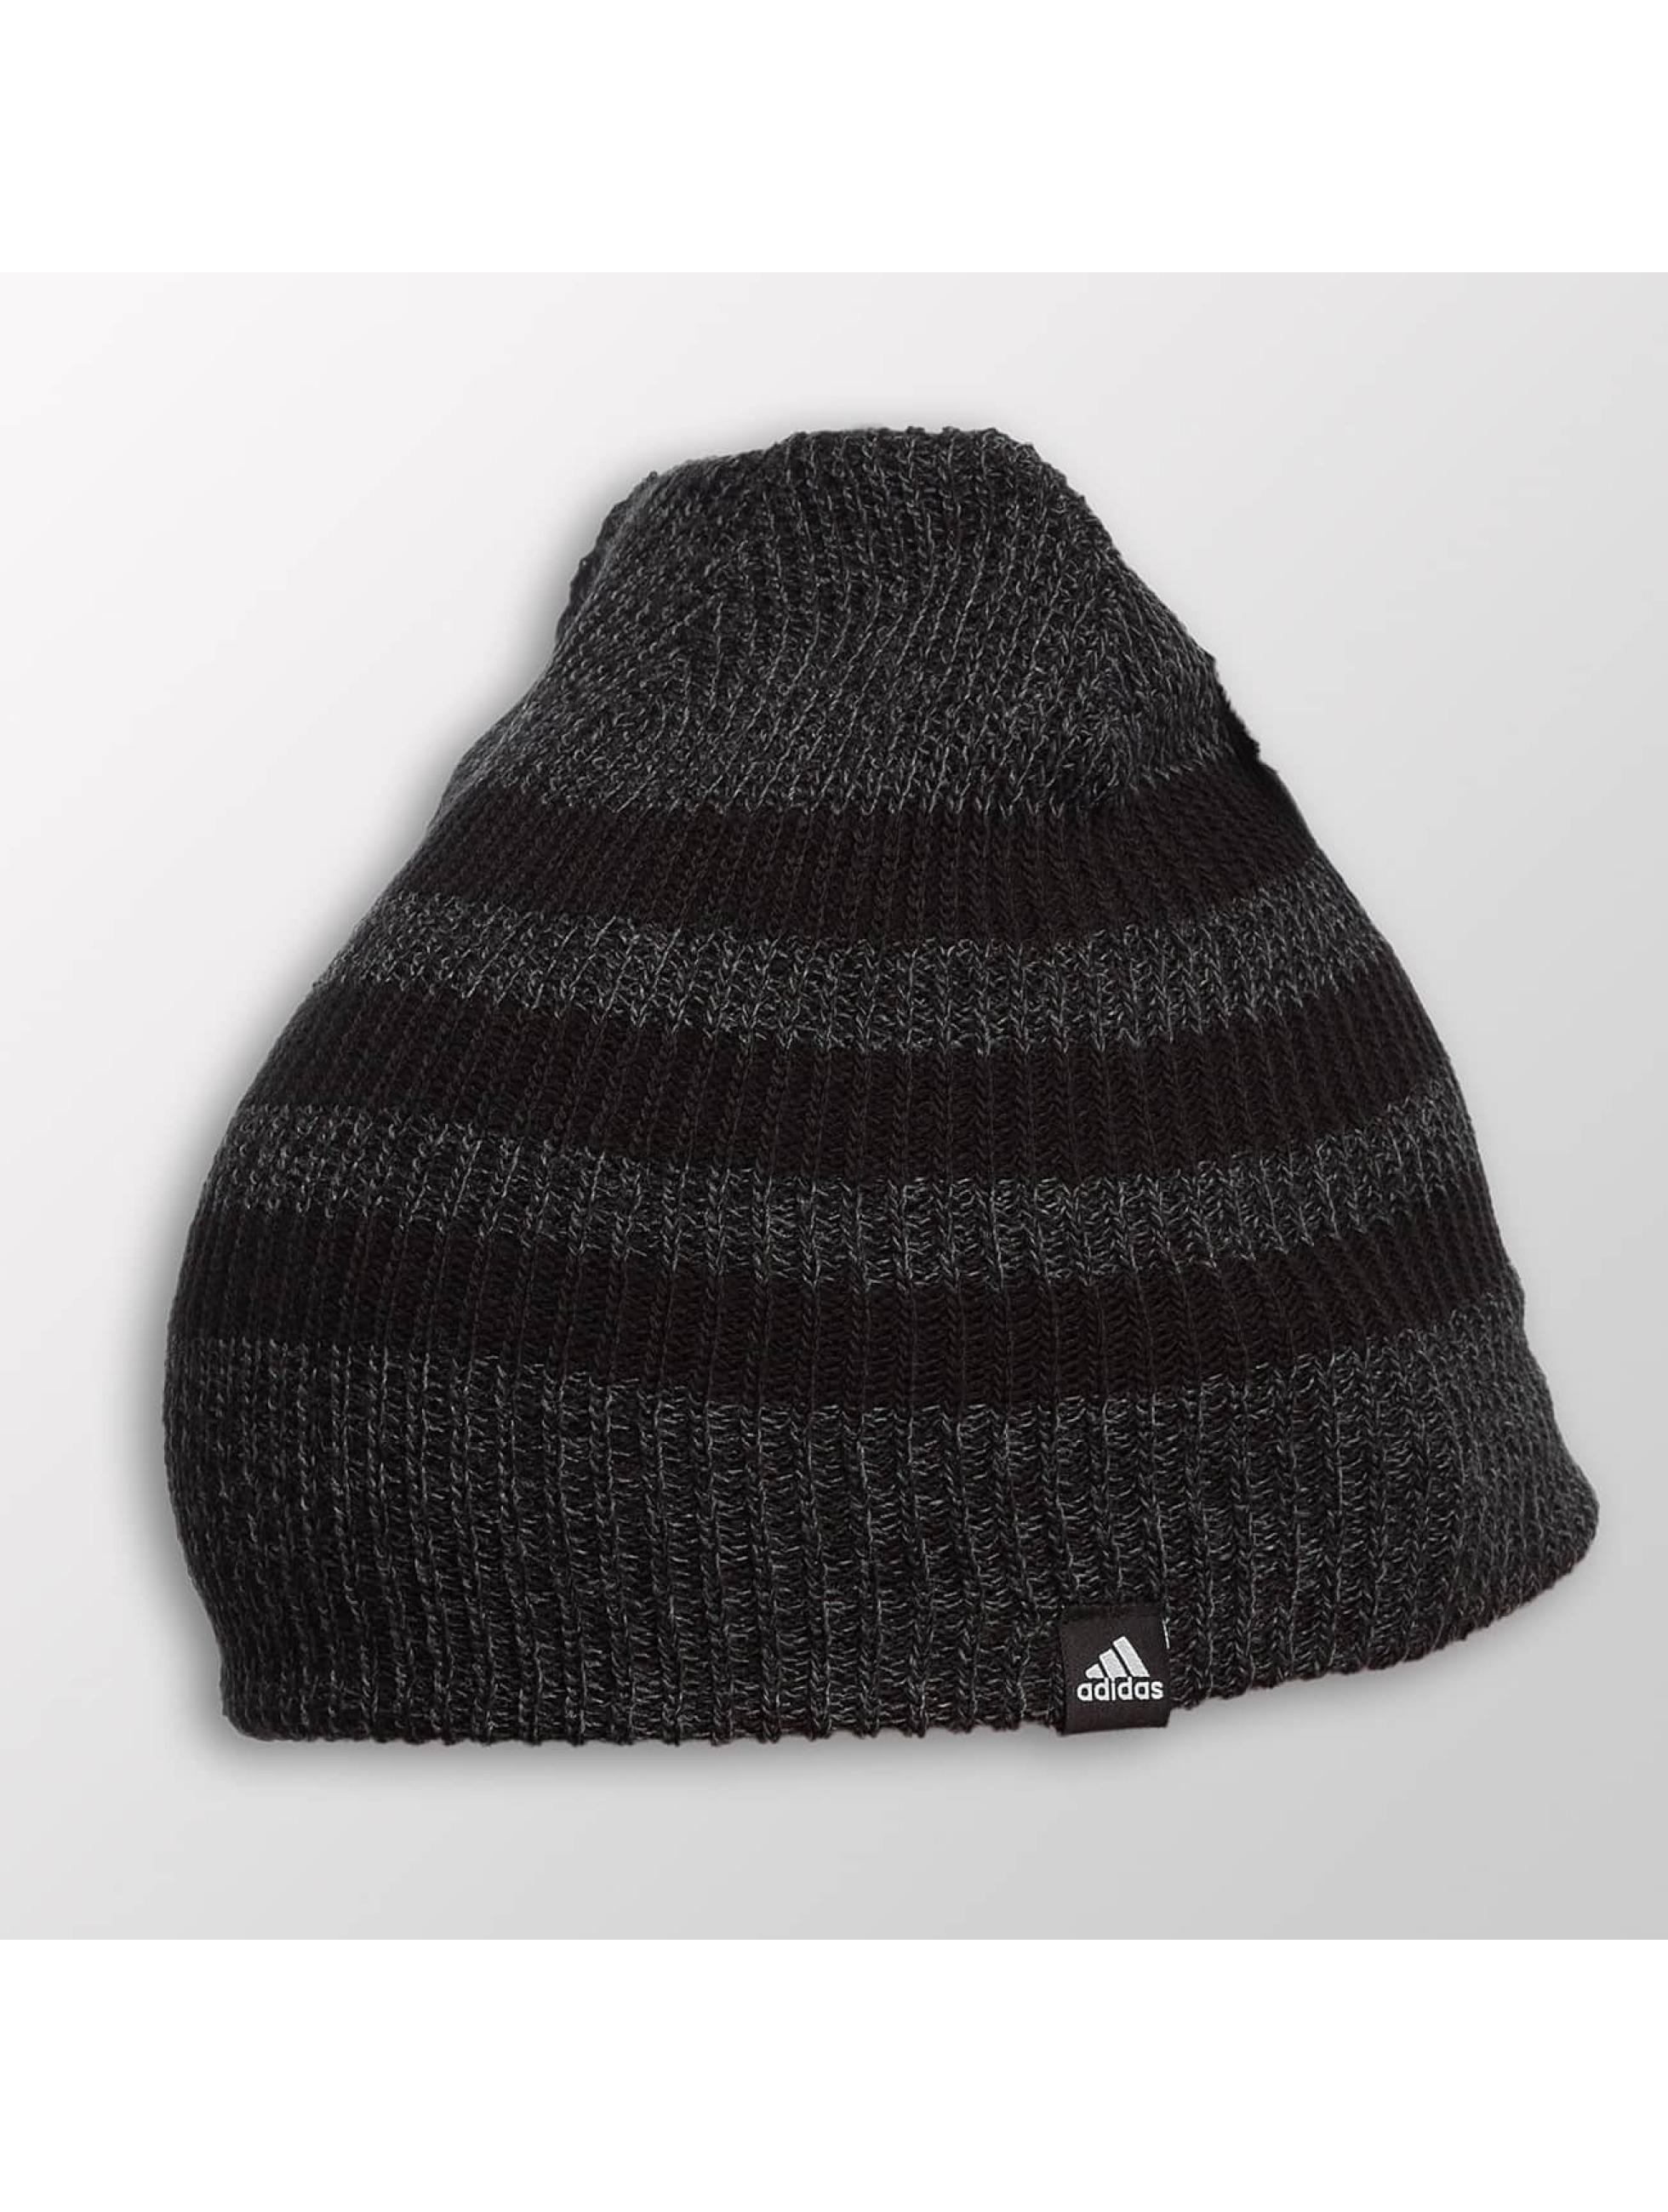 adidas Männer,Frauen Beanie Adidas 3S in schwarz